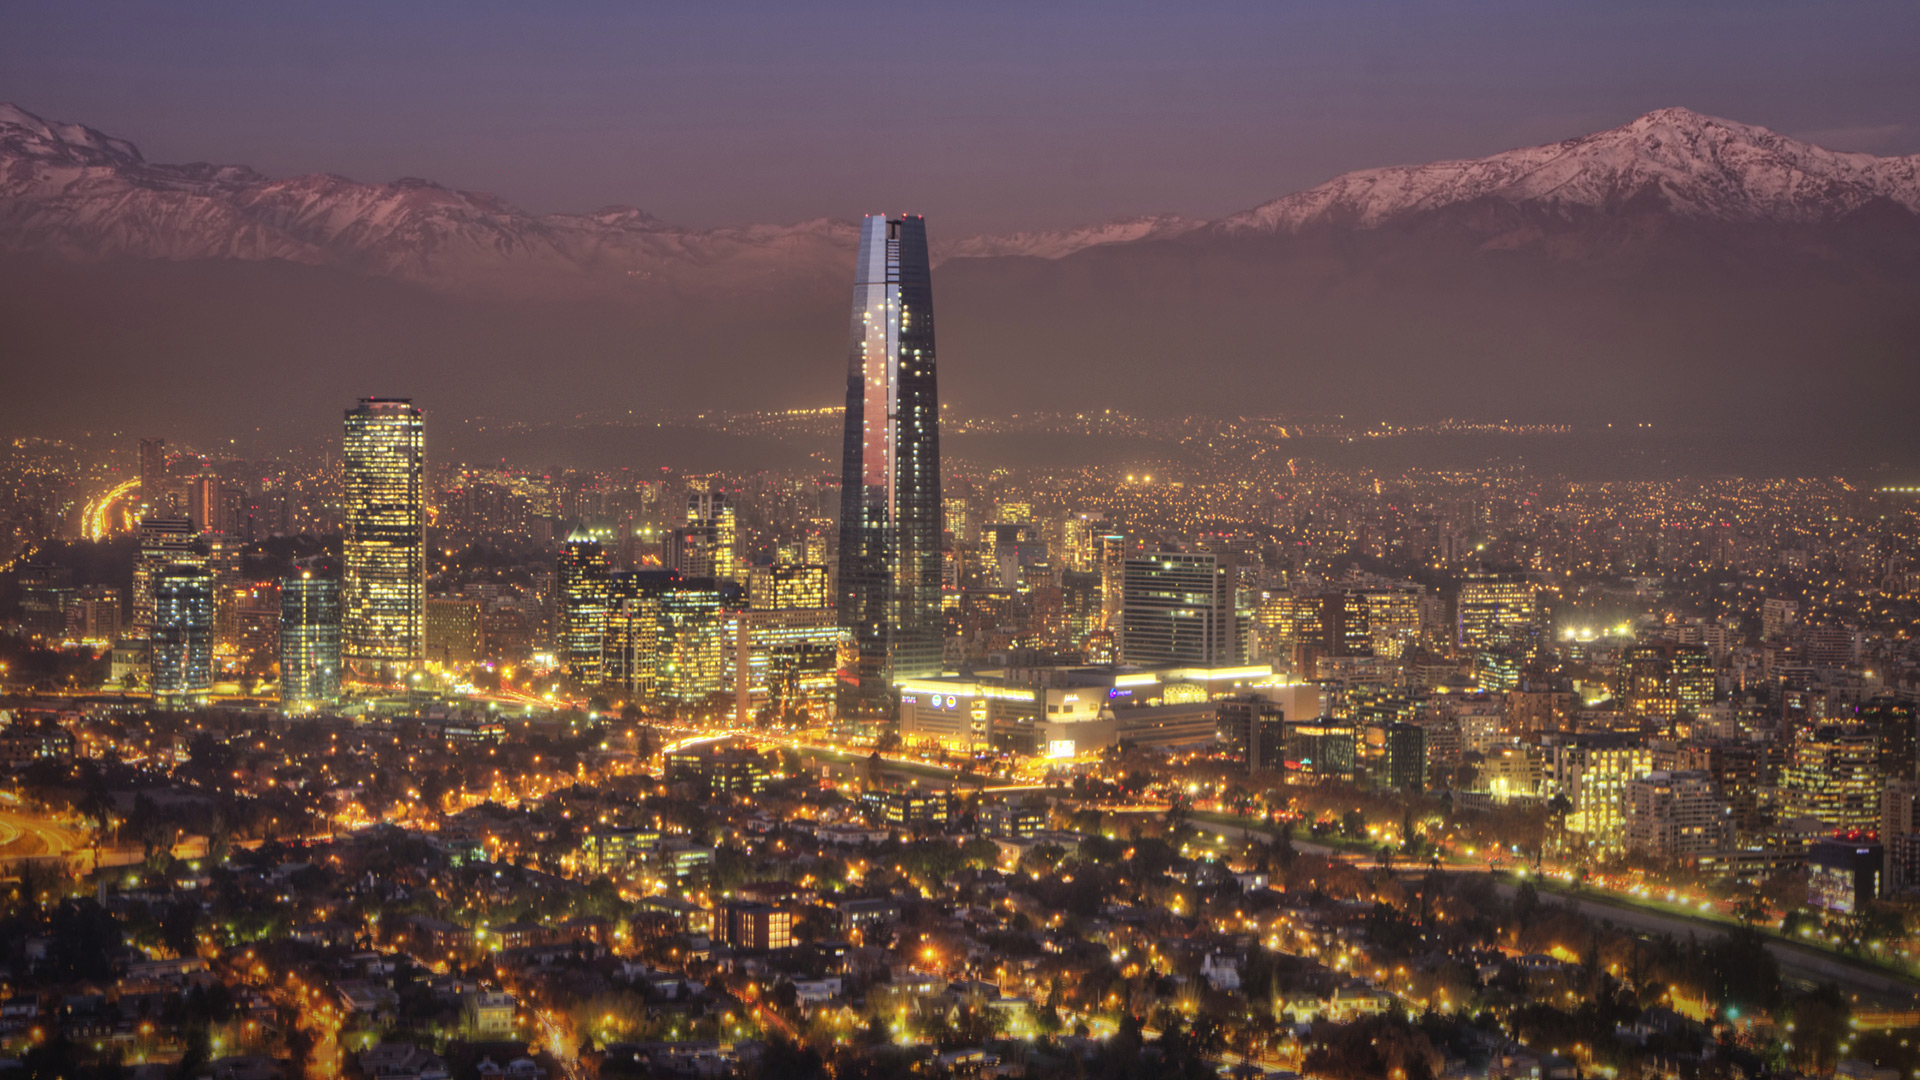 Chile | Sheknows.com